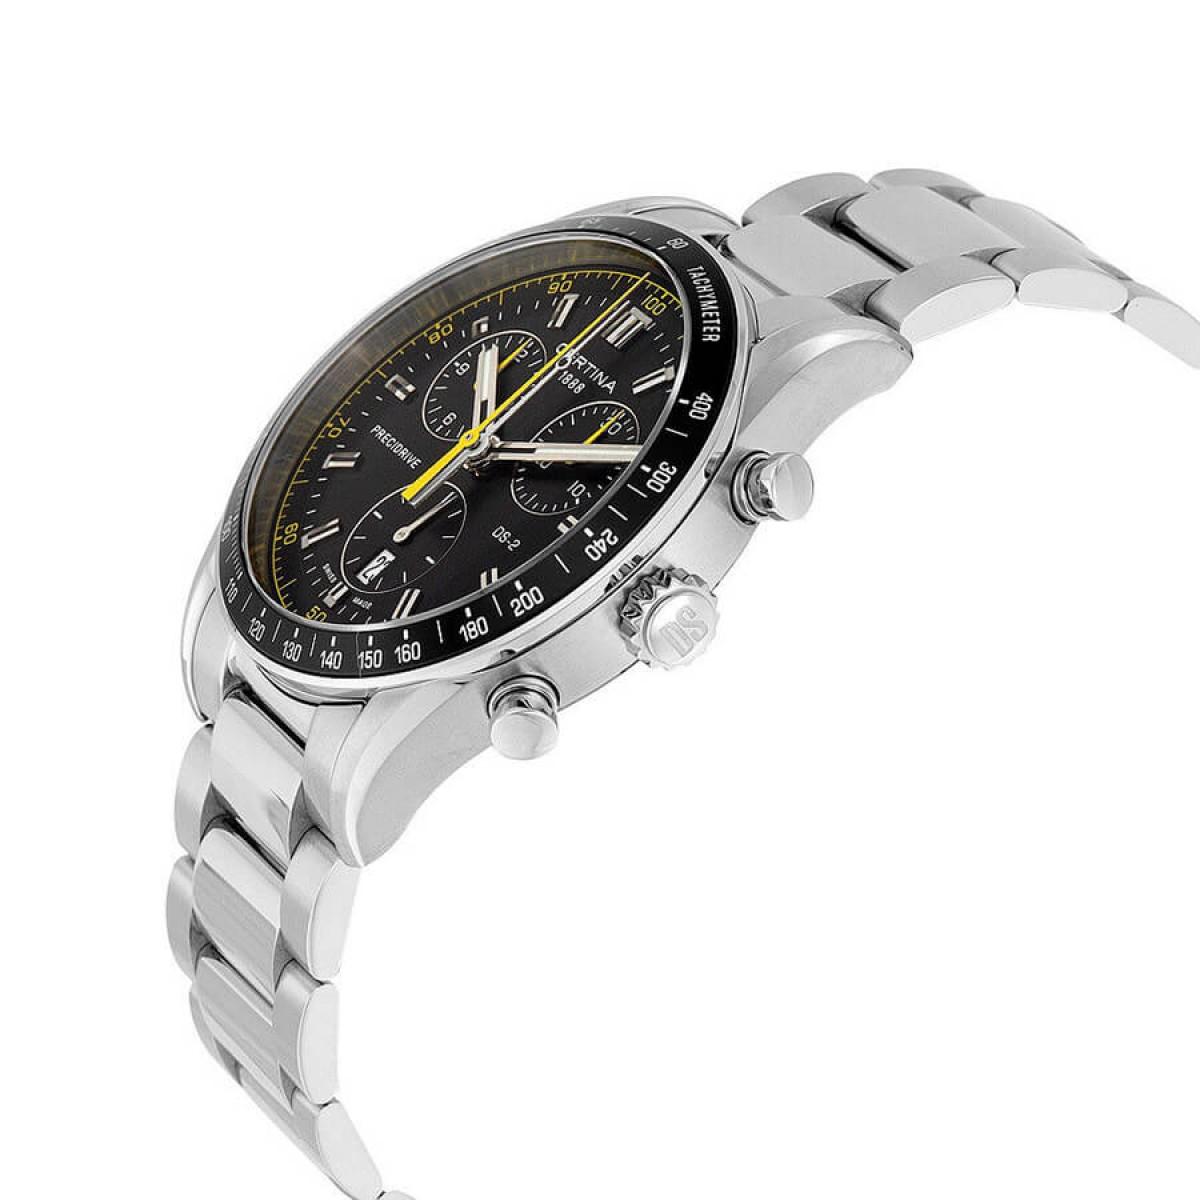 Часовник Certina C024.447.11.051.01